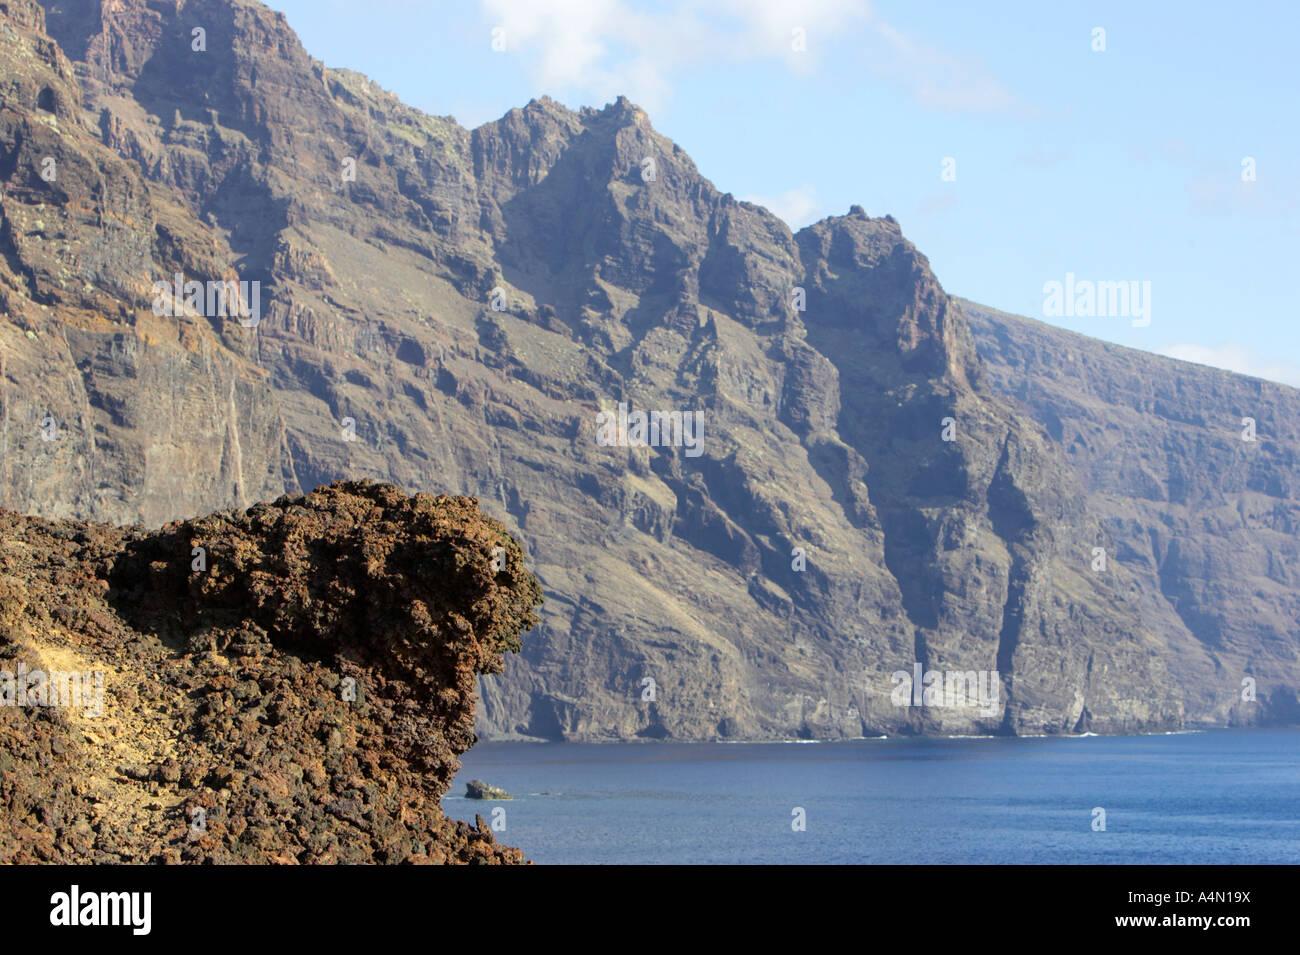 La roca de la lava volcánica rocoso acantilado en la costa de Punta de Teno Tenerife Islas Canarias Imagen De Stock